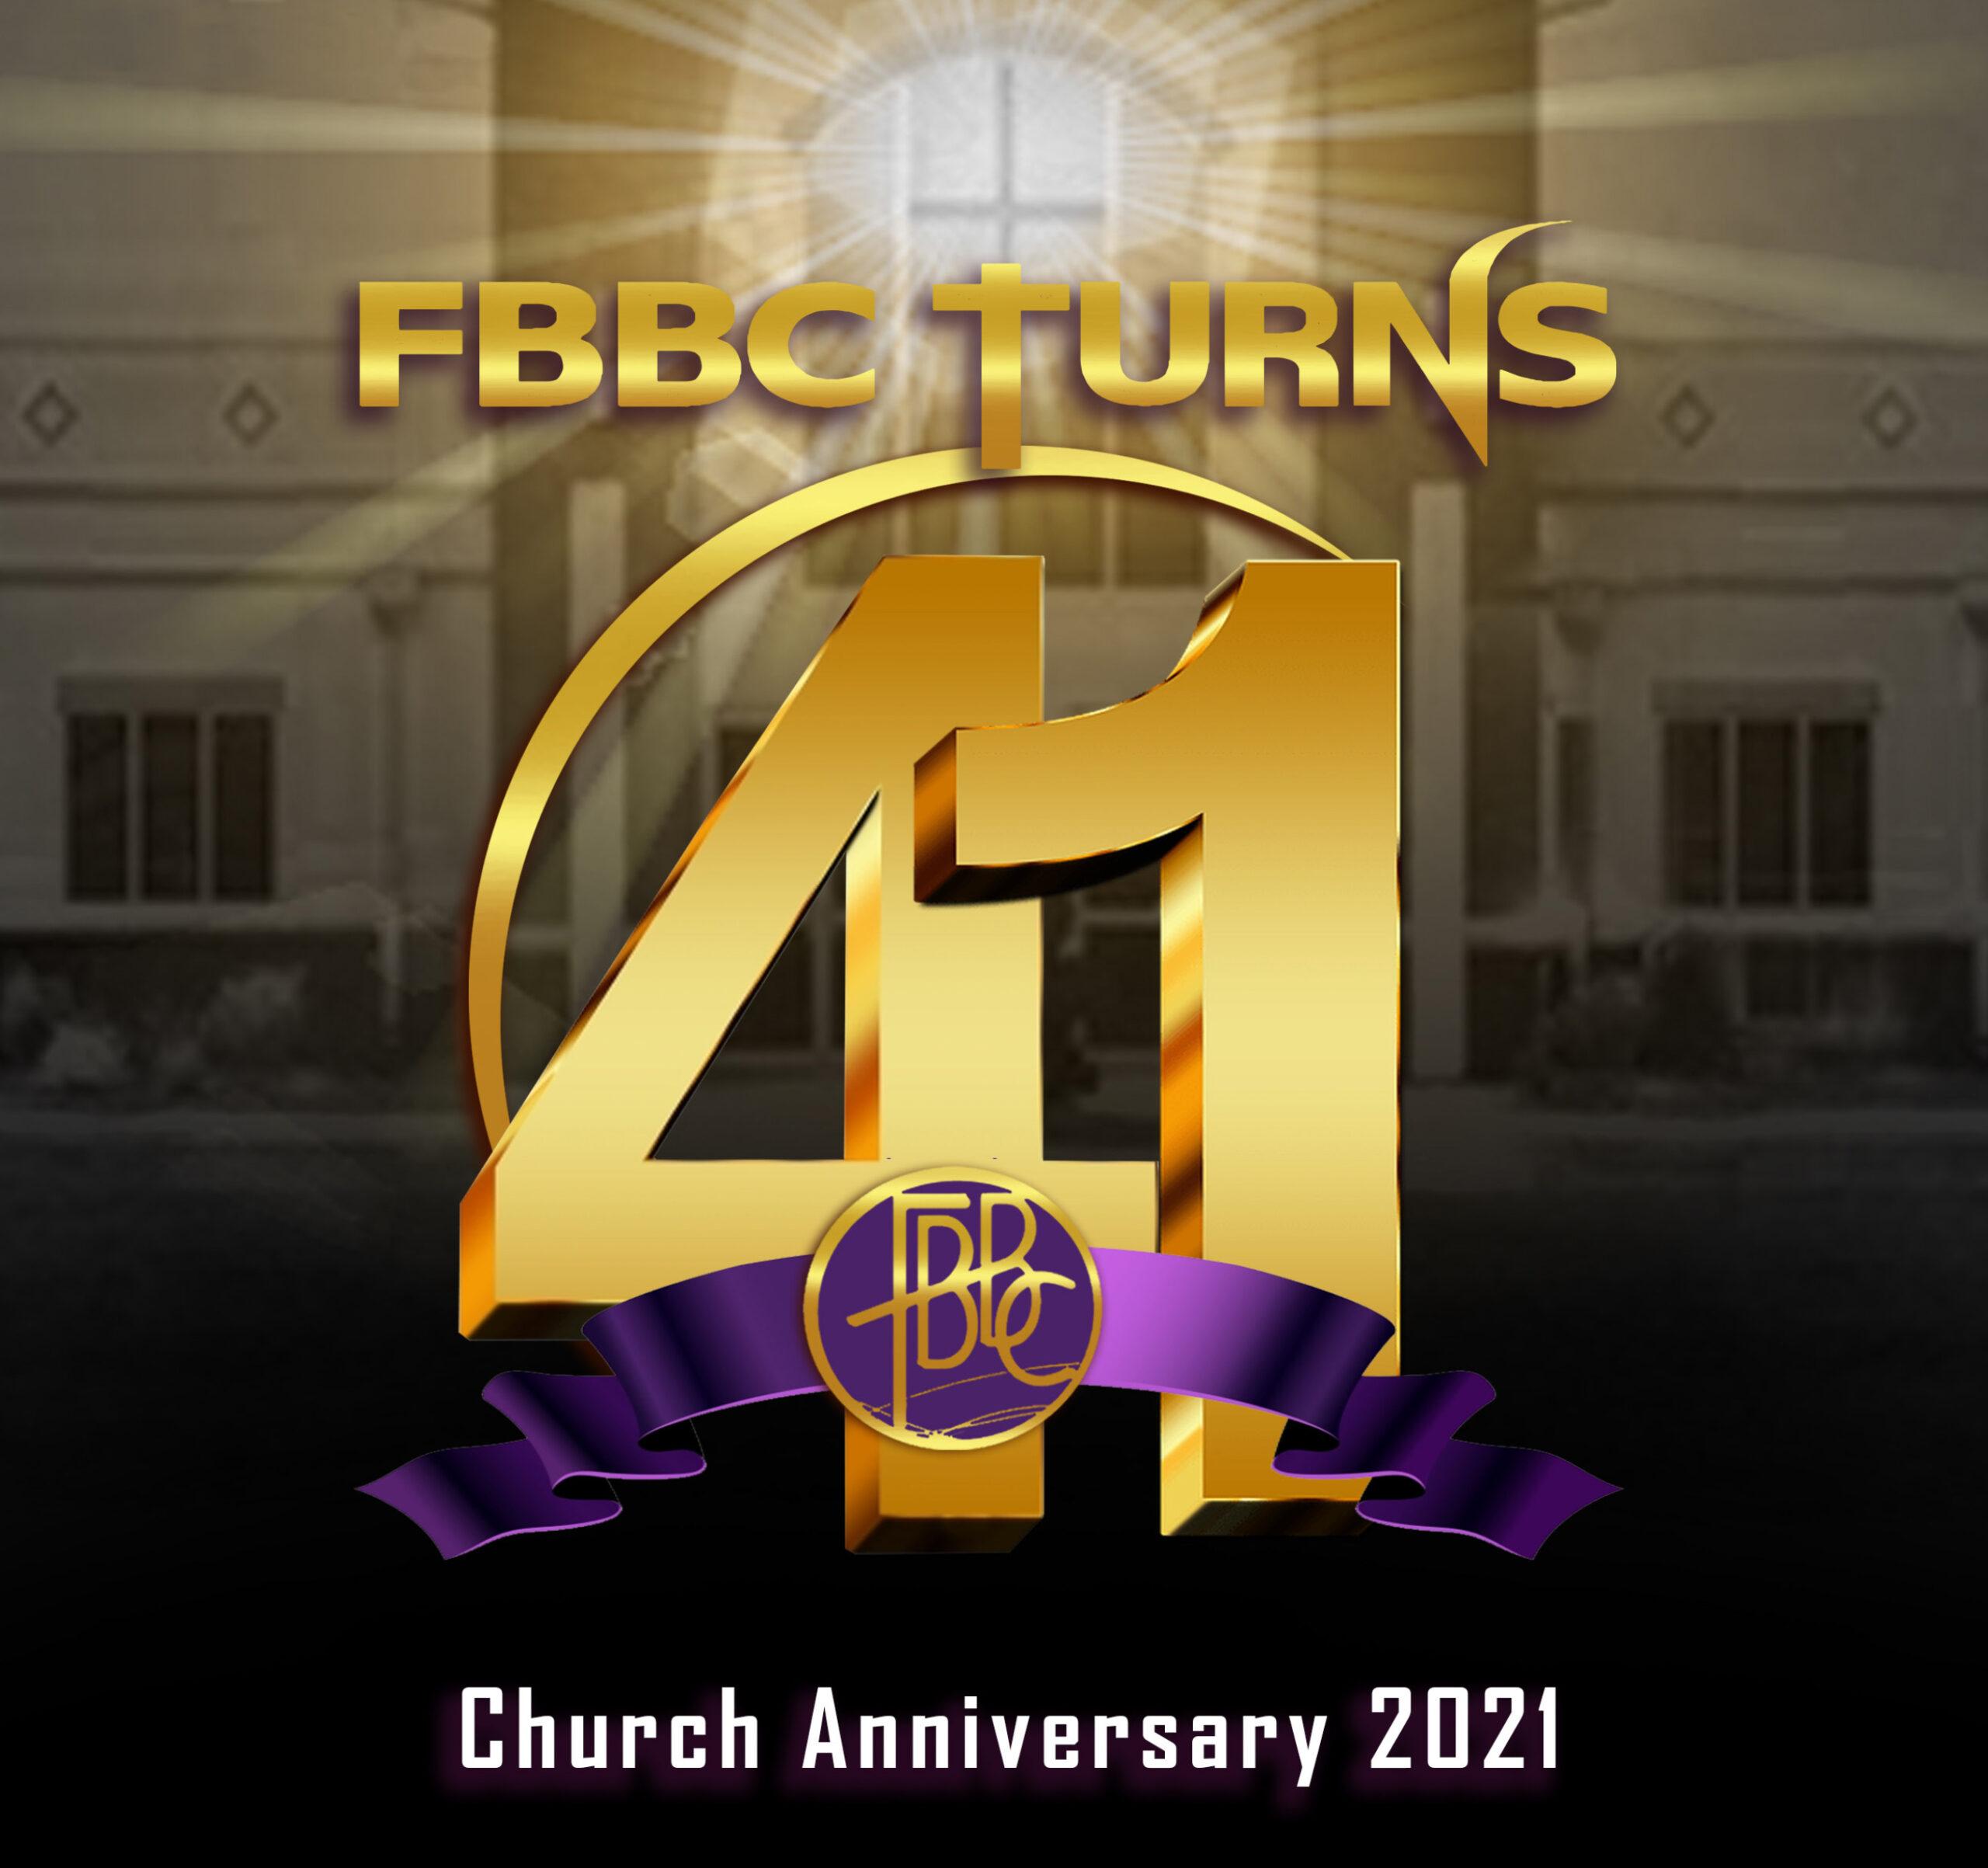 FBBC 41st Church Anniversary